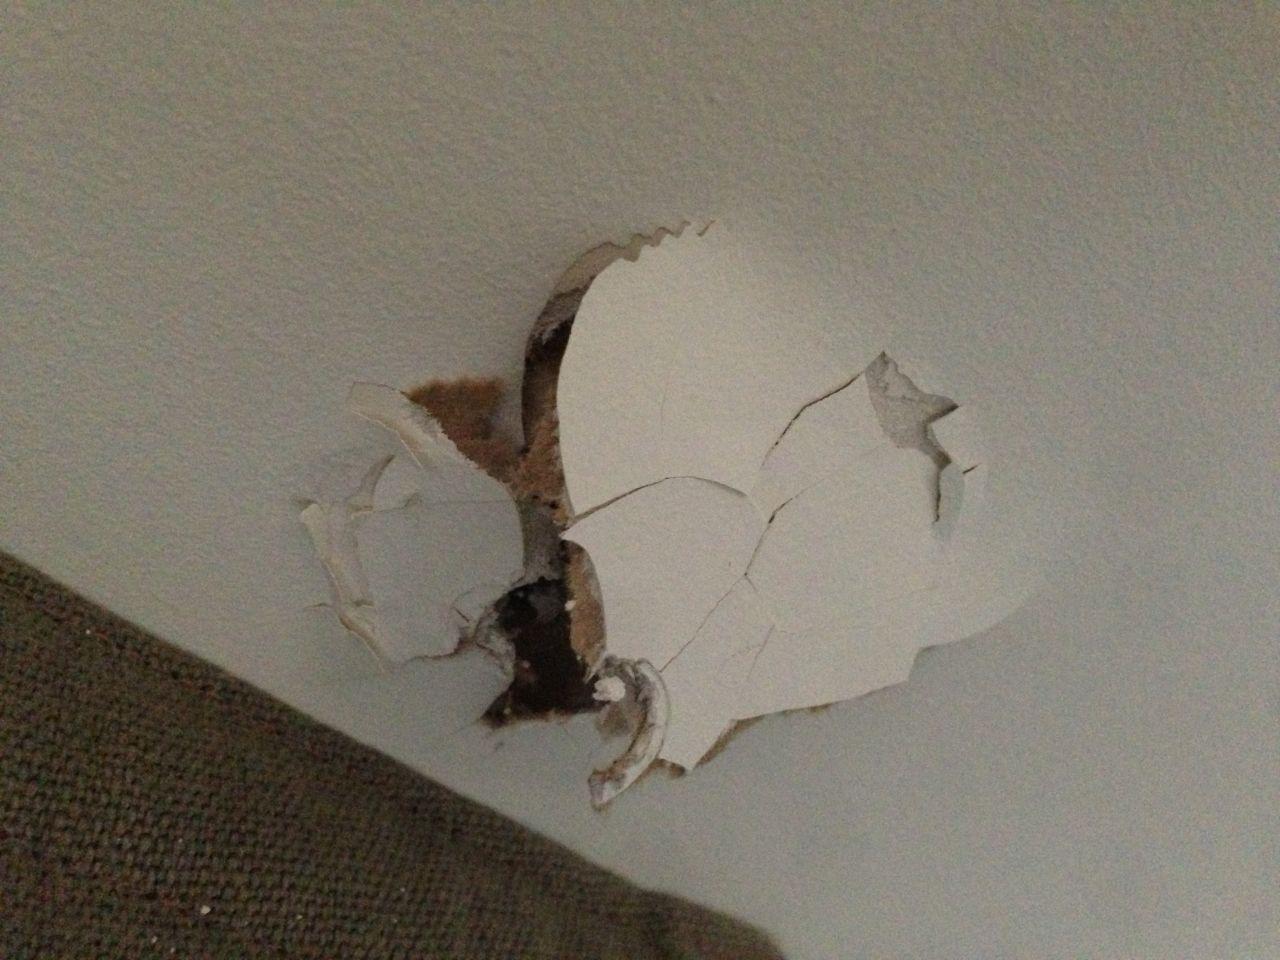 réparer plaque faux-plafond arrachée - 10 messages - Placo Plafond Salle De Bain